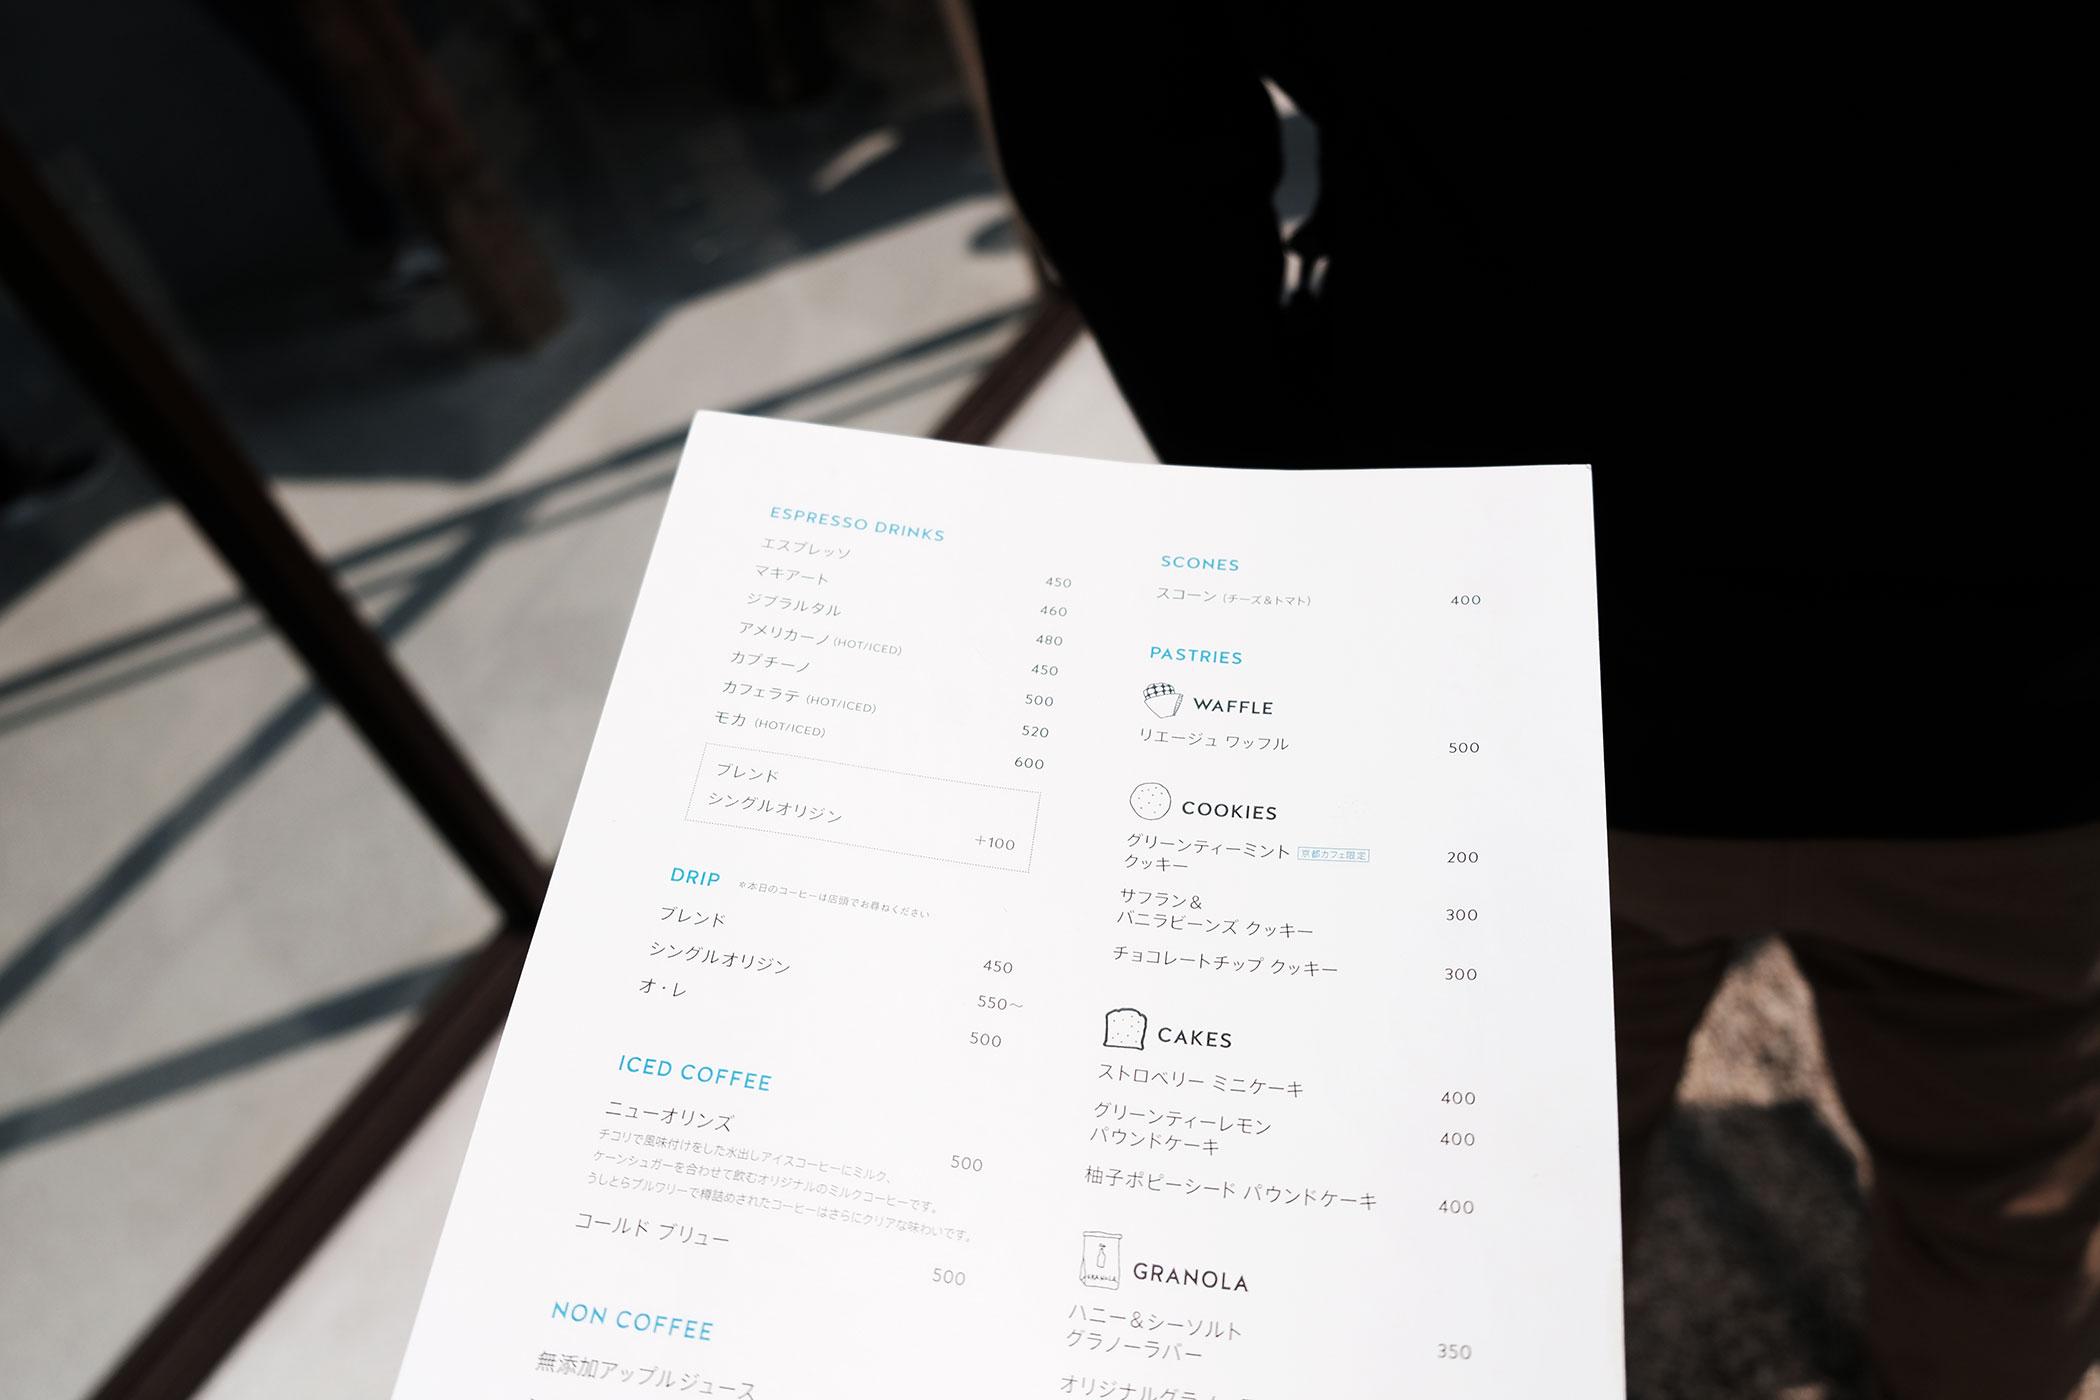 待望の初出店!ブルーボトルコーヒーの関西第一号は京都の南禅寺に ブルーボトルコーヒー 京都カフェ (BLUE BOTTLE COFFEE KYOTO) メニュー写真